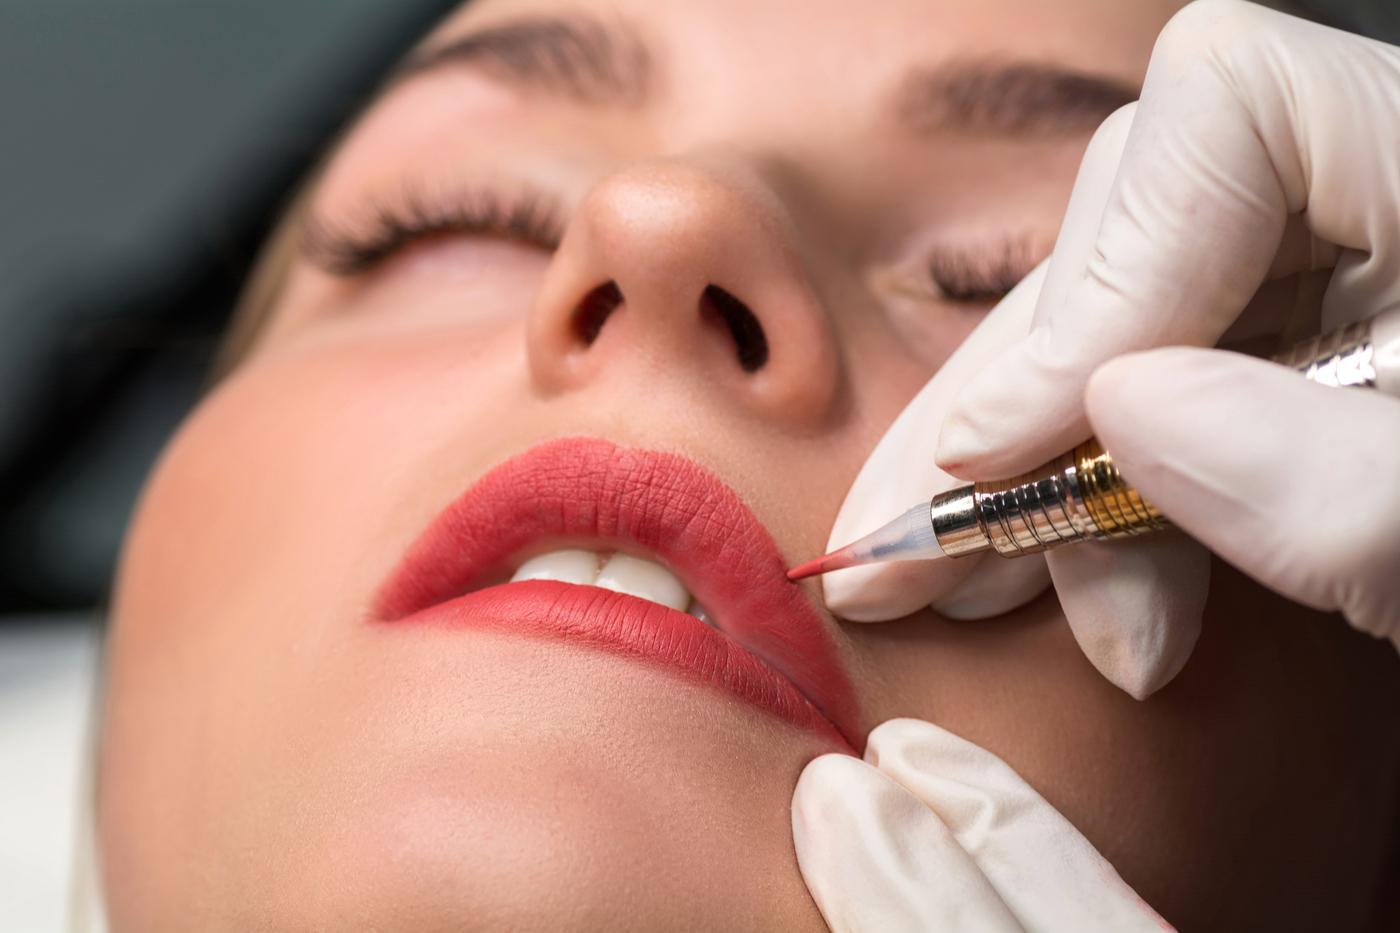 Bikin Bibir Cerah dengan Lip Tattoo, Amankah?